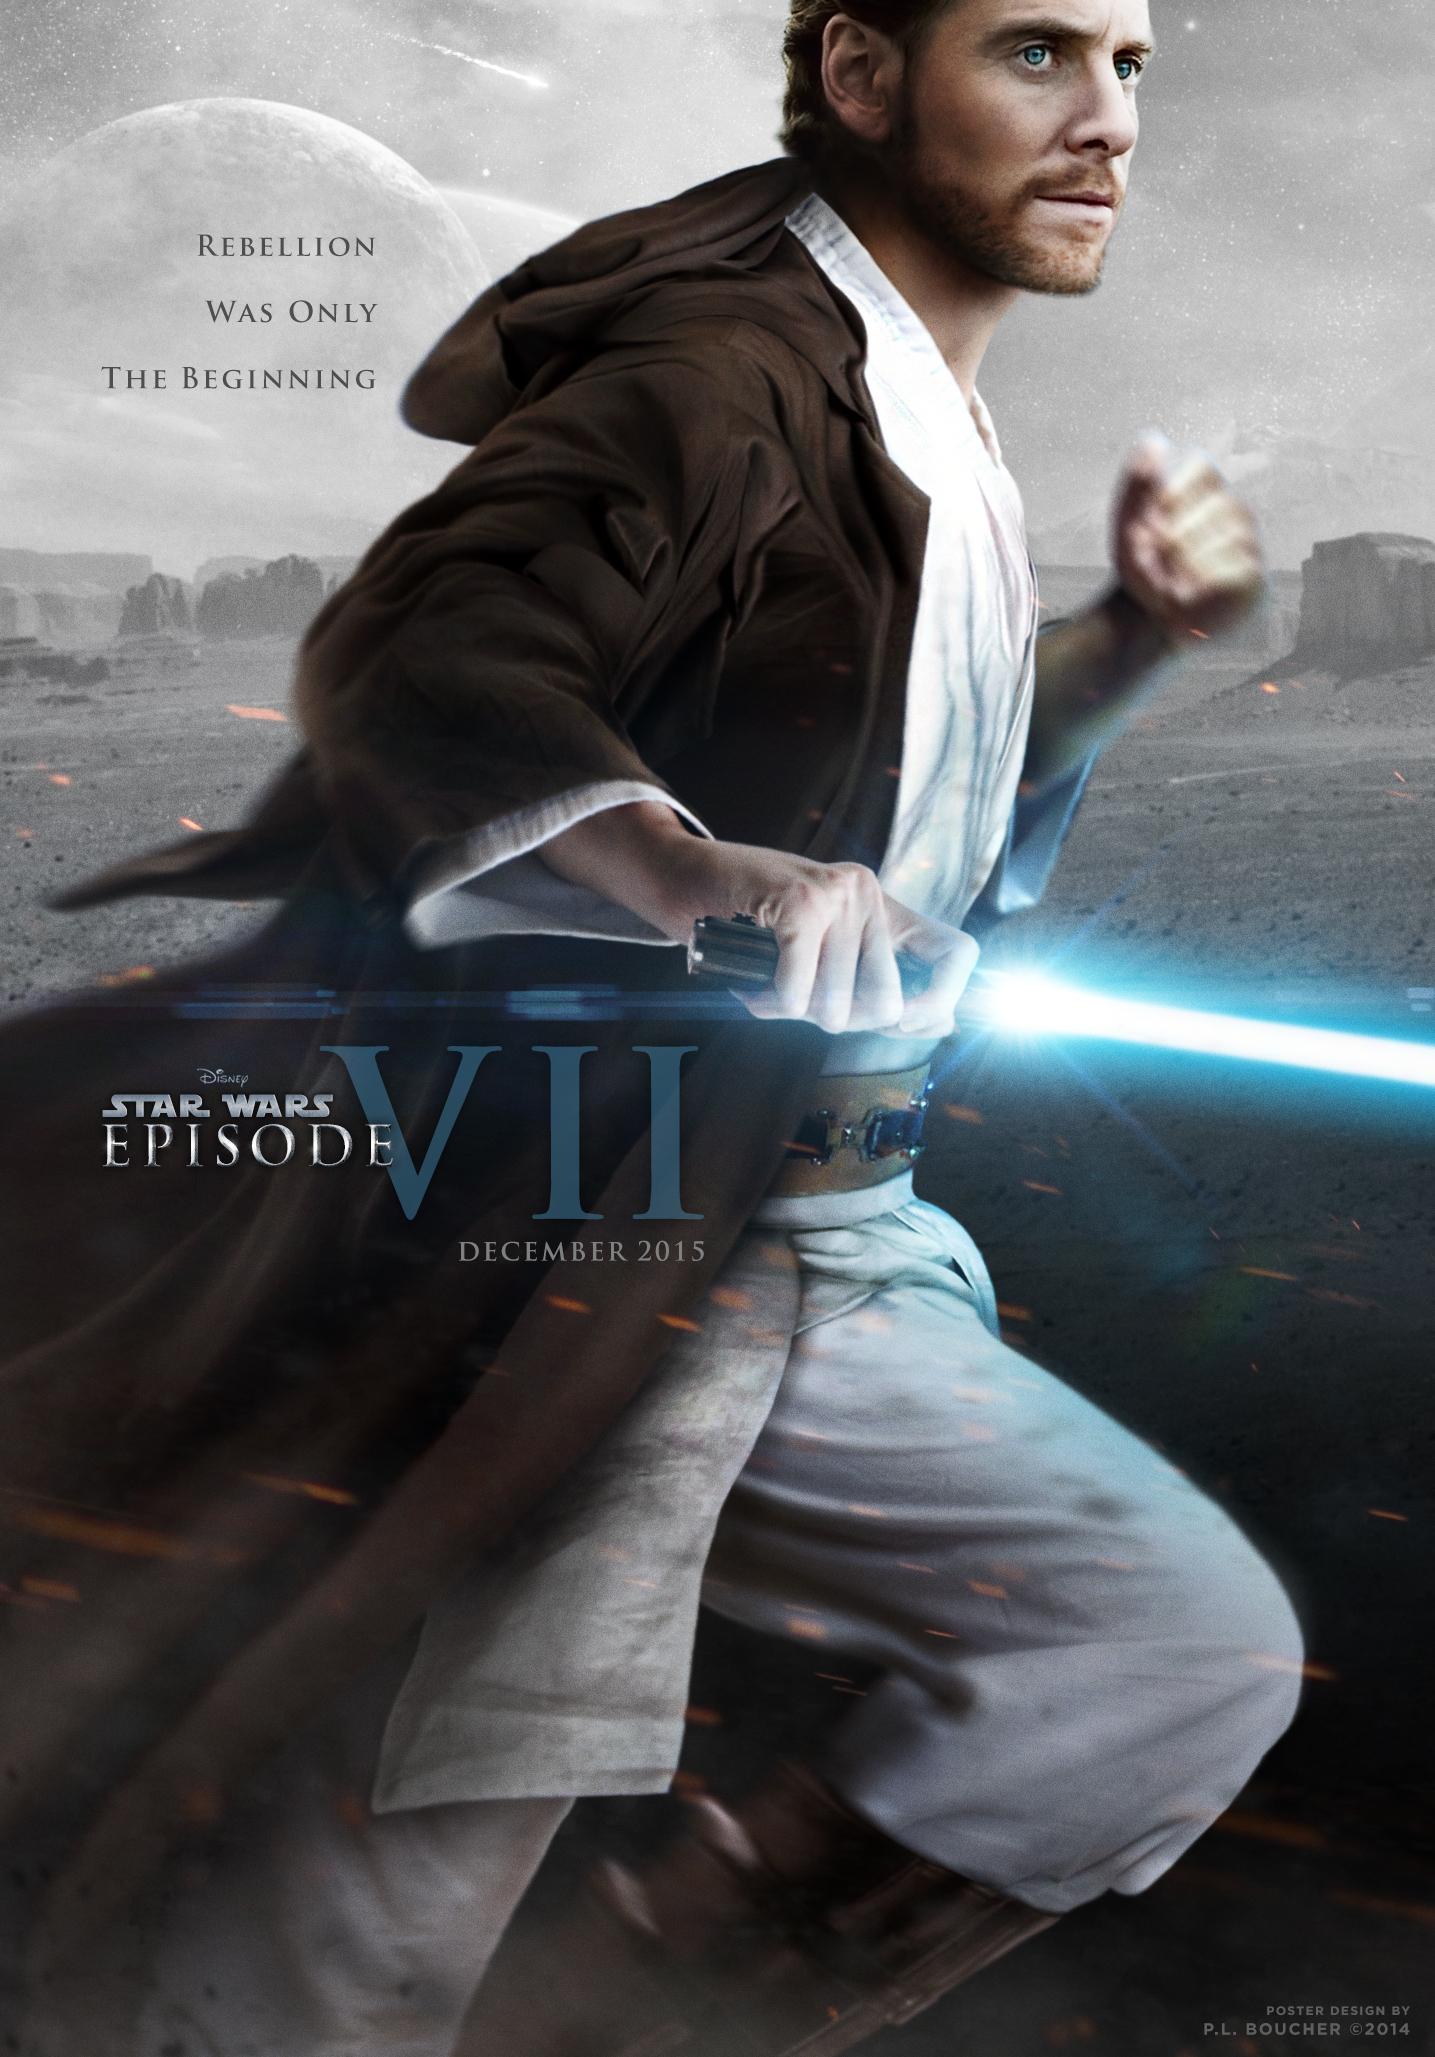 Star Wars Episode VII - Poster Update